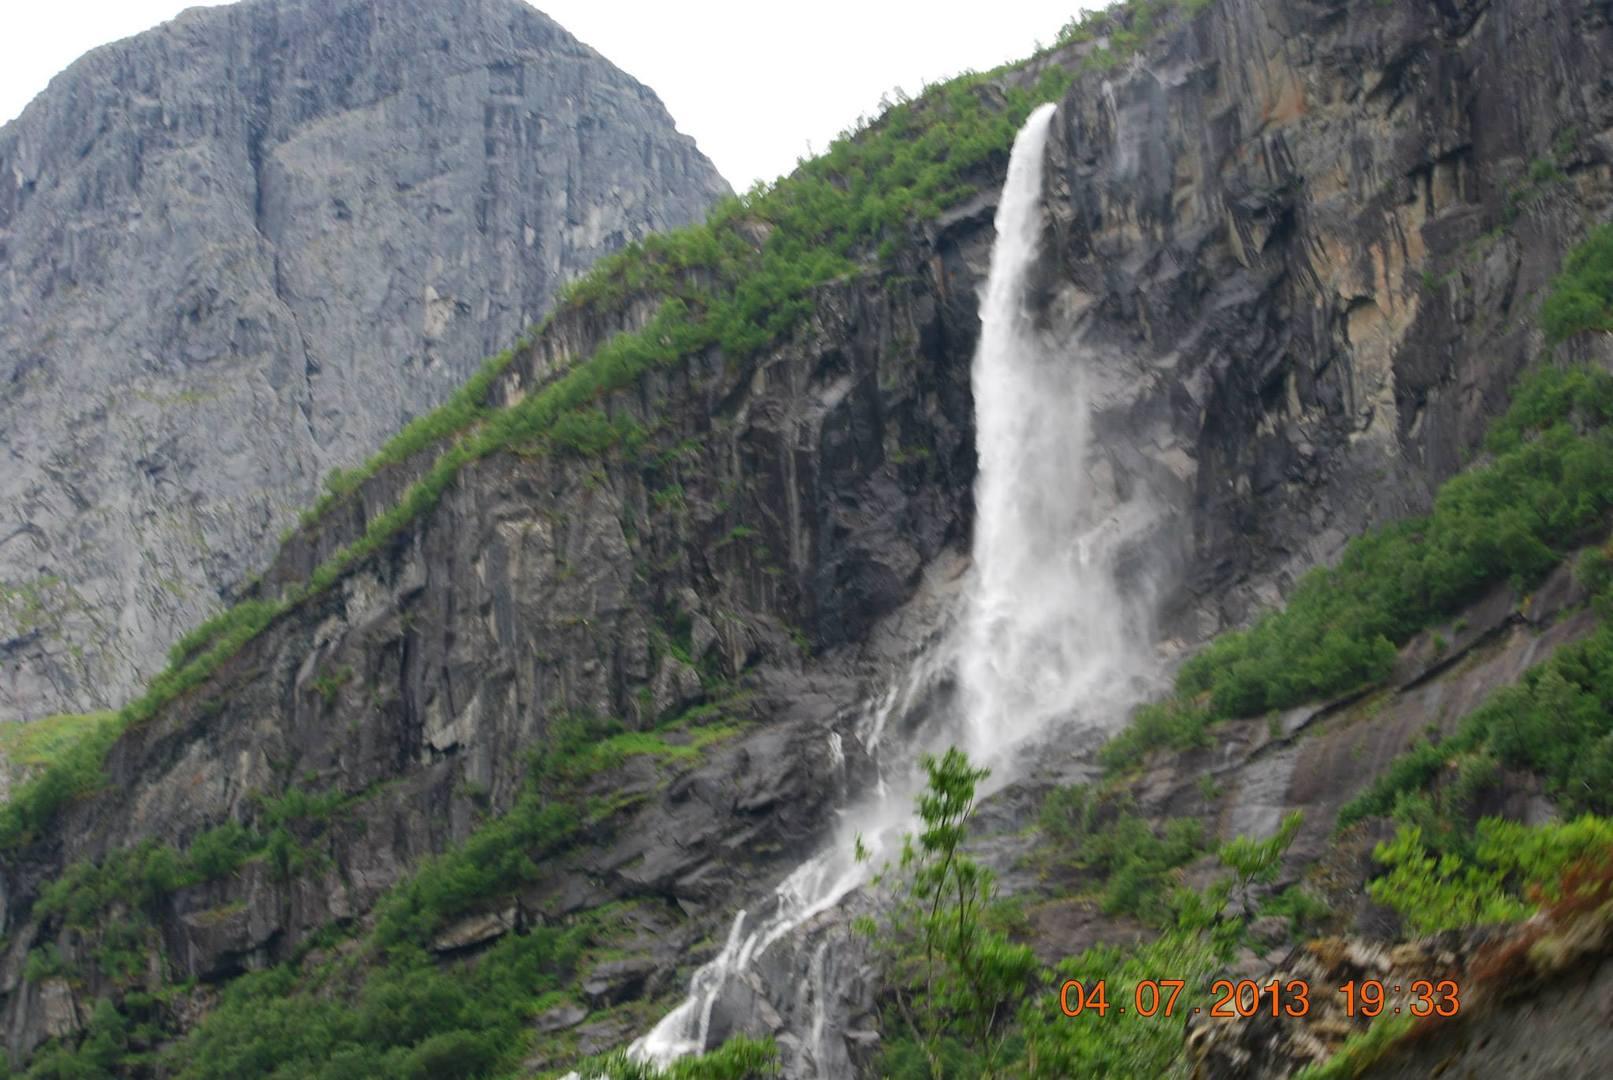 מפל Volefossen אשר מסמן את קרחון Briksda